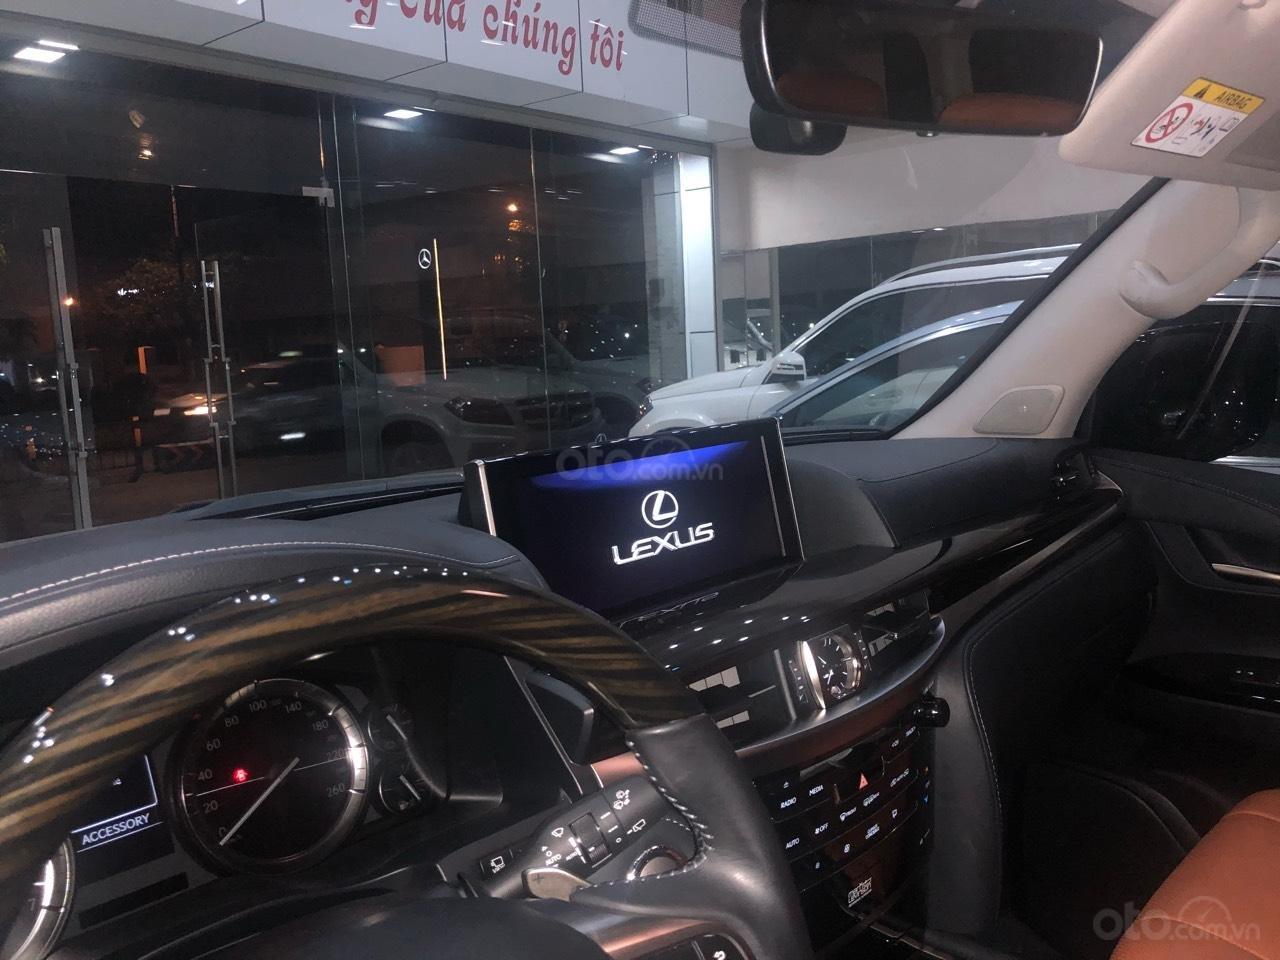 Bán Lexus LX570 đời 2018, màu bạc, nhập khẩu (8)